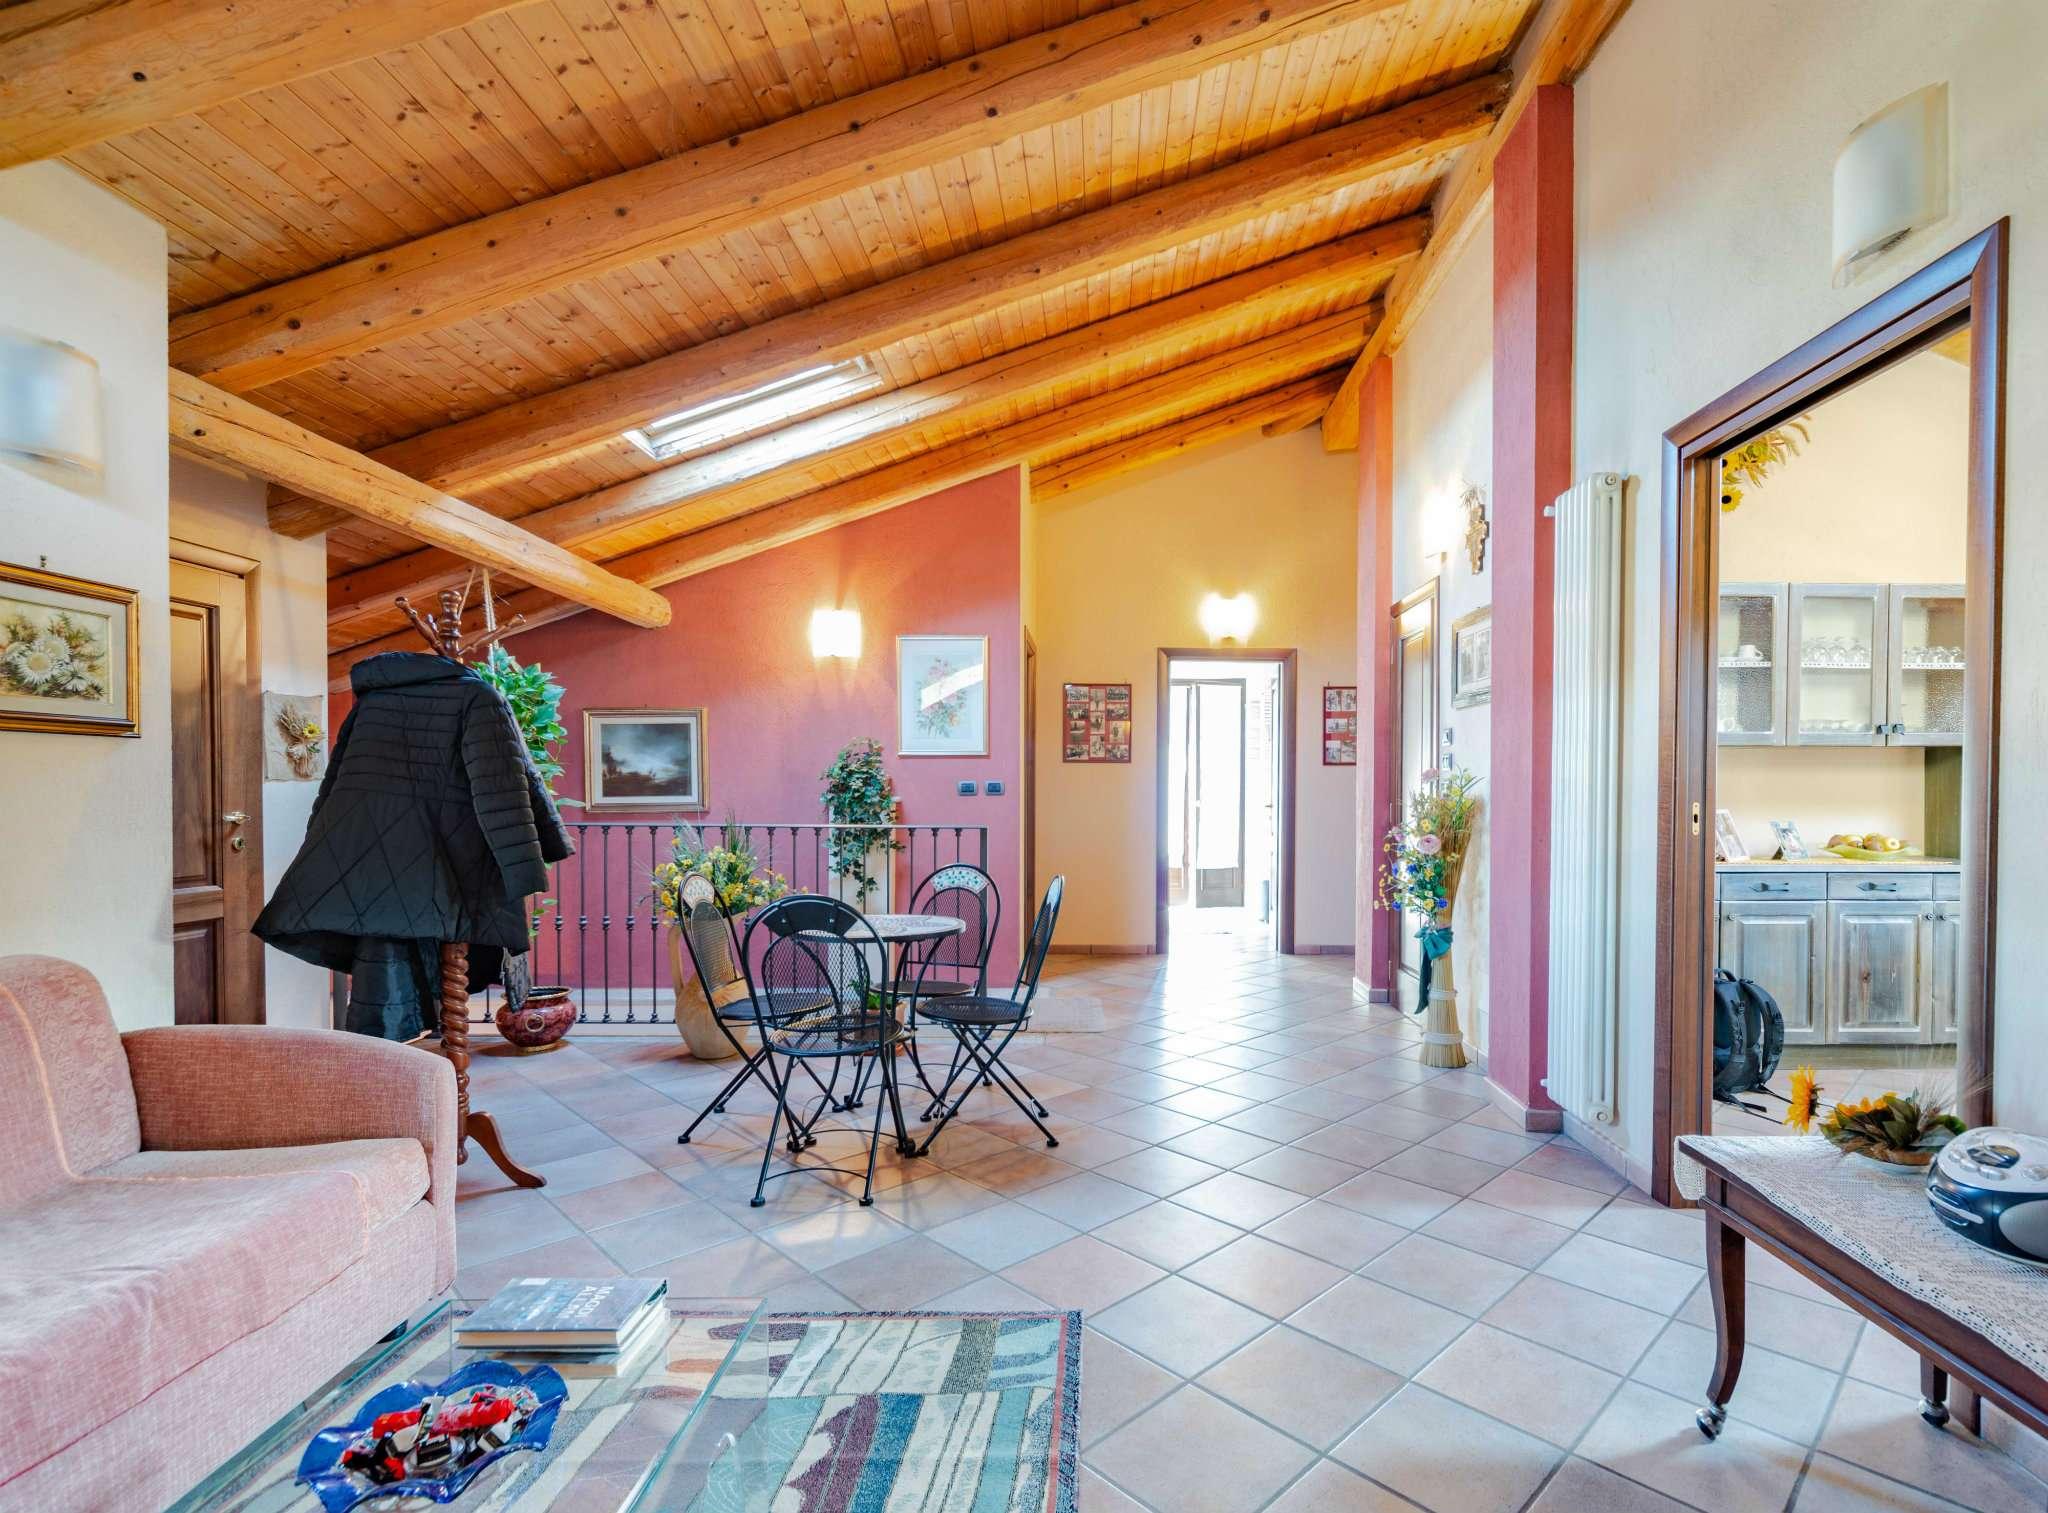 Villa Bifamiliare in vendita a Vignolo, 10 locali, prezzo € 275.000   PortaleAgenzieImmobiliari.it